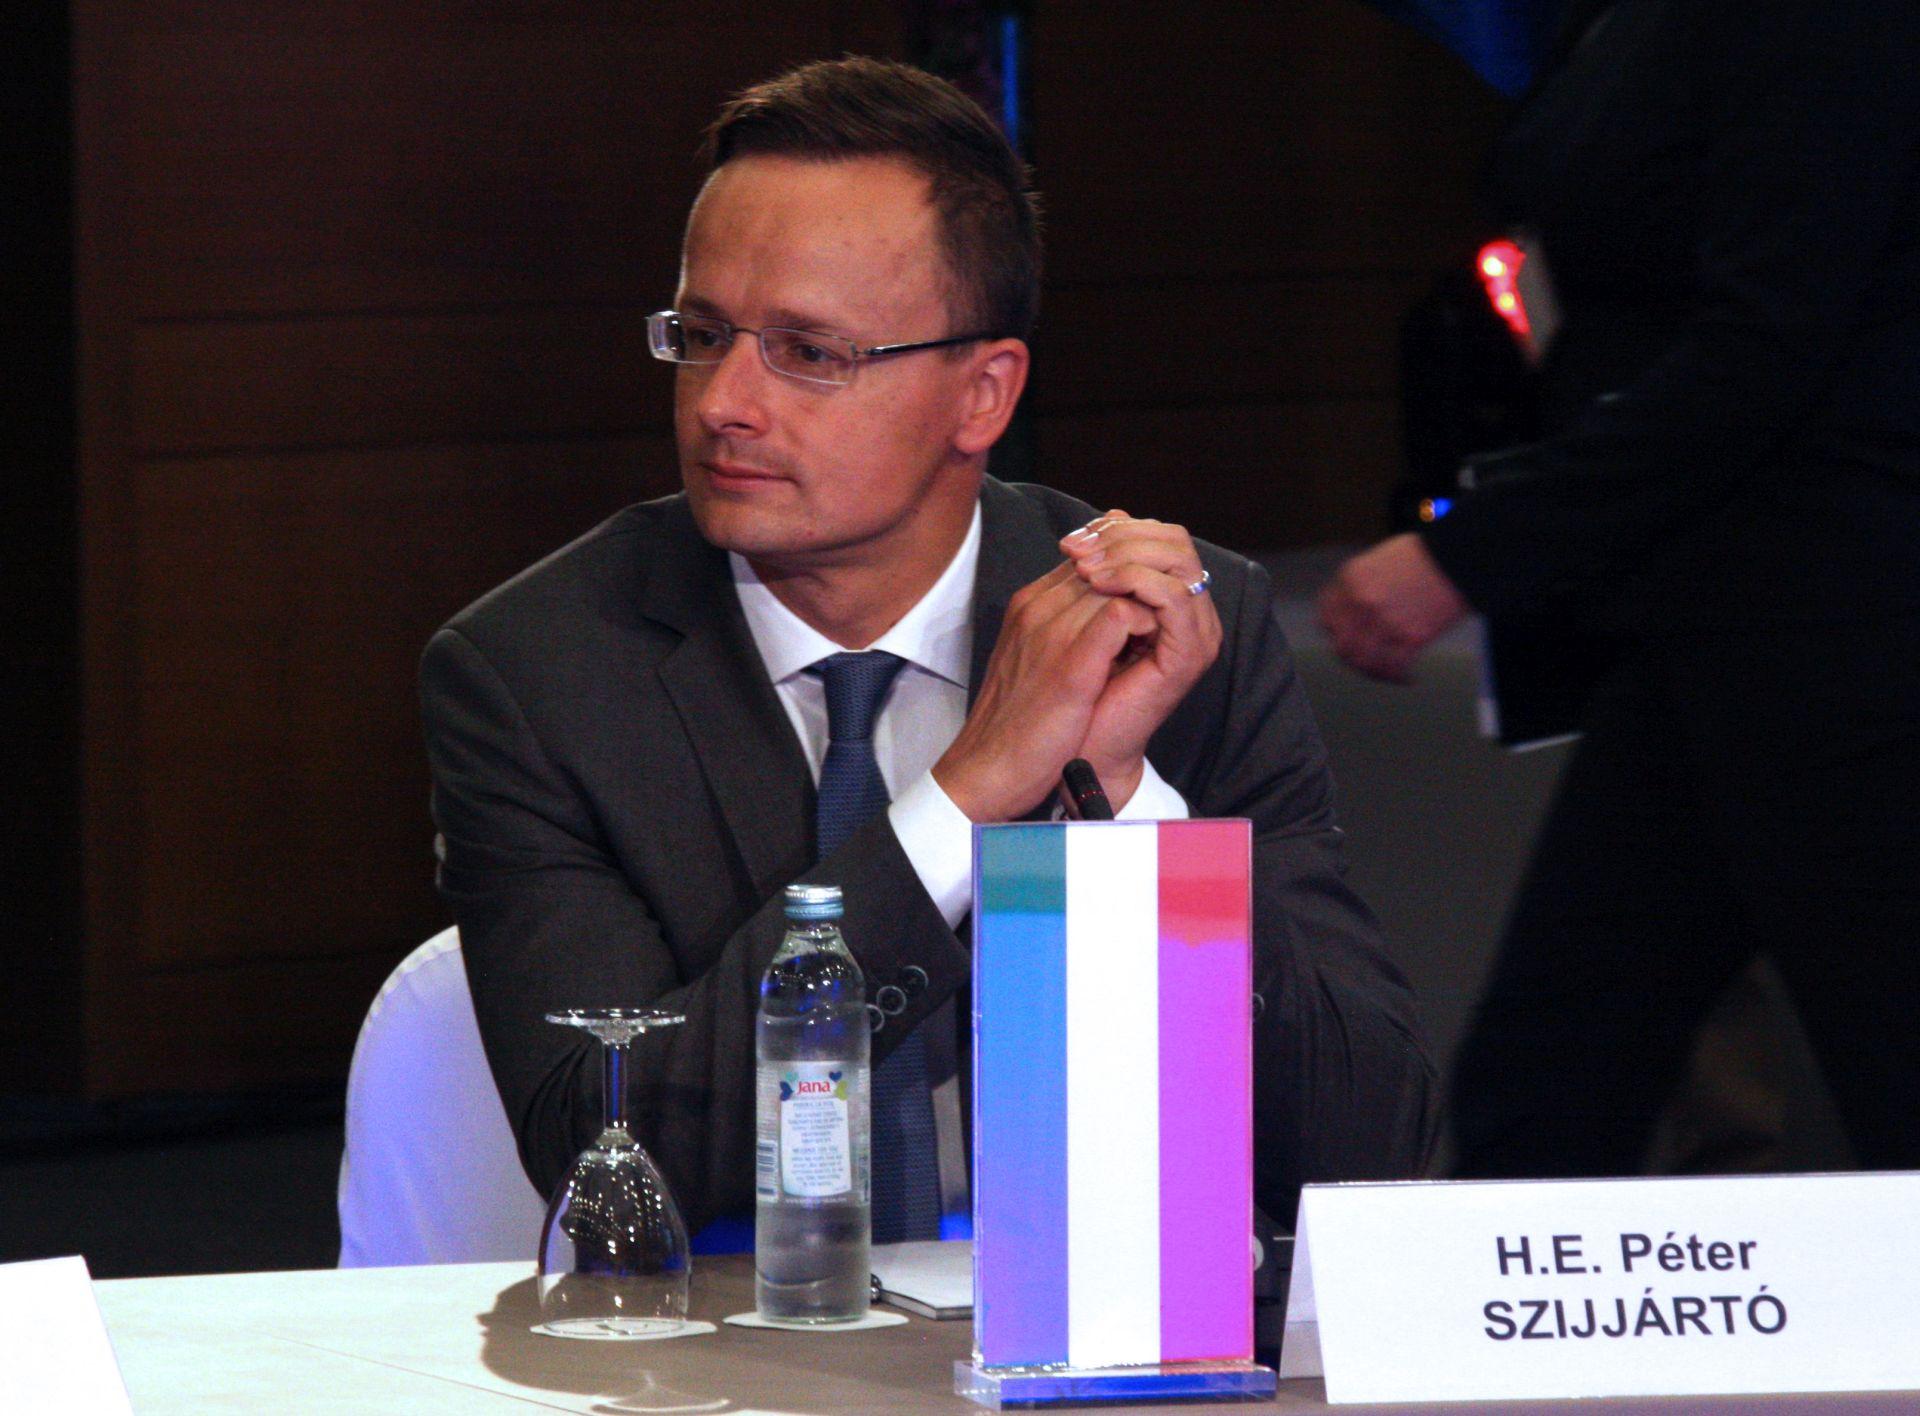 PETER SZIJJARTO: 'Poslovna suradnja između Hrvatske i MOL-a je politički neodrživa'